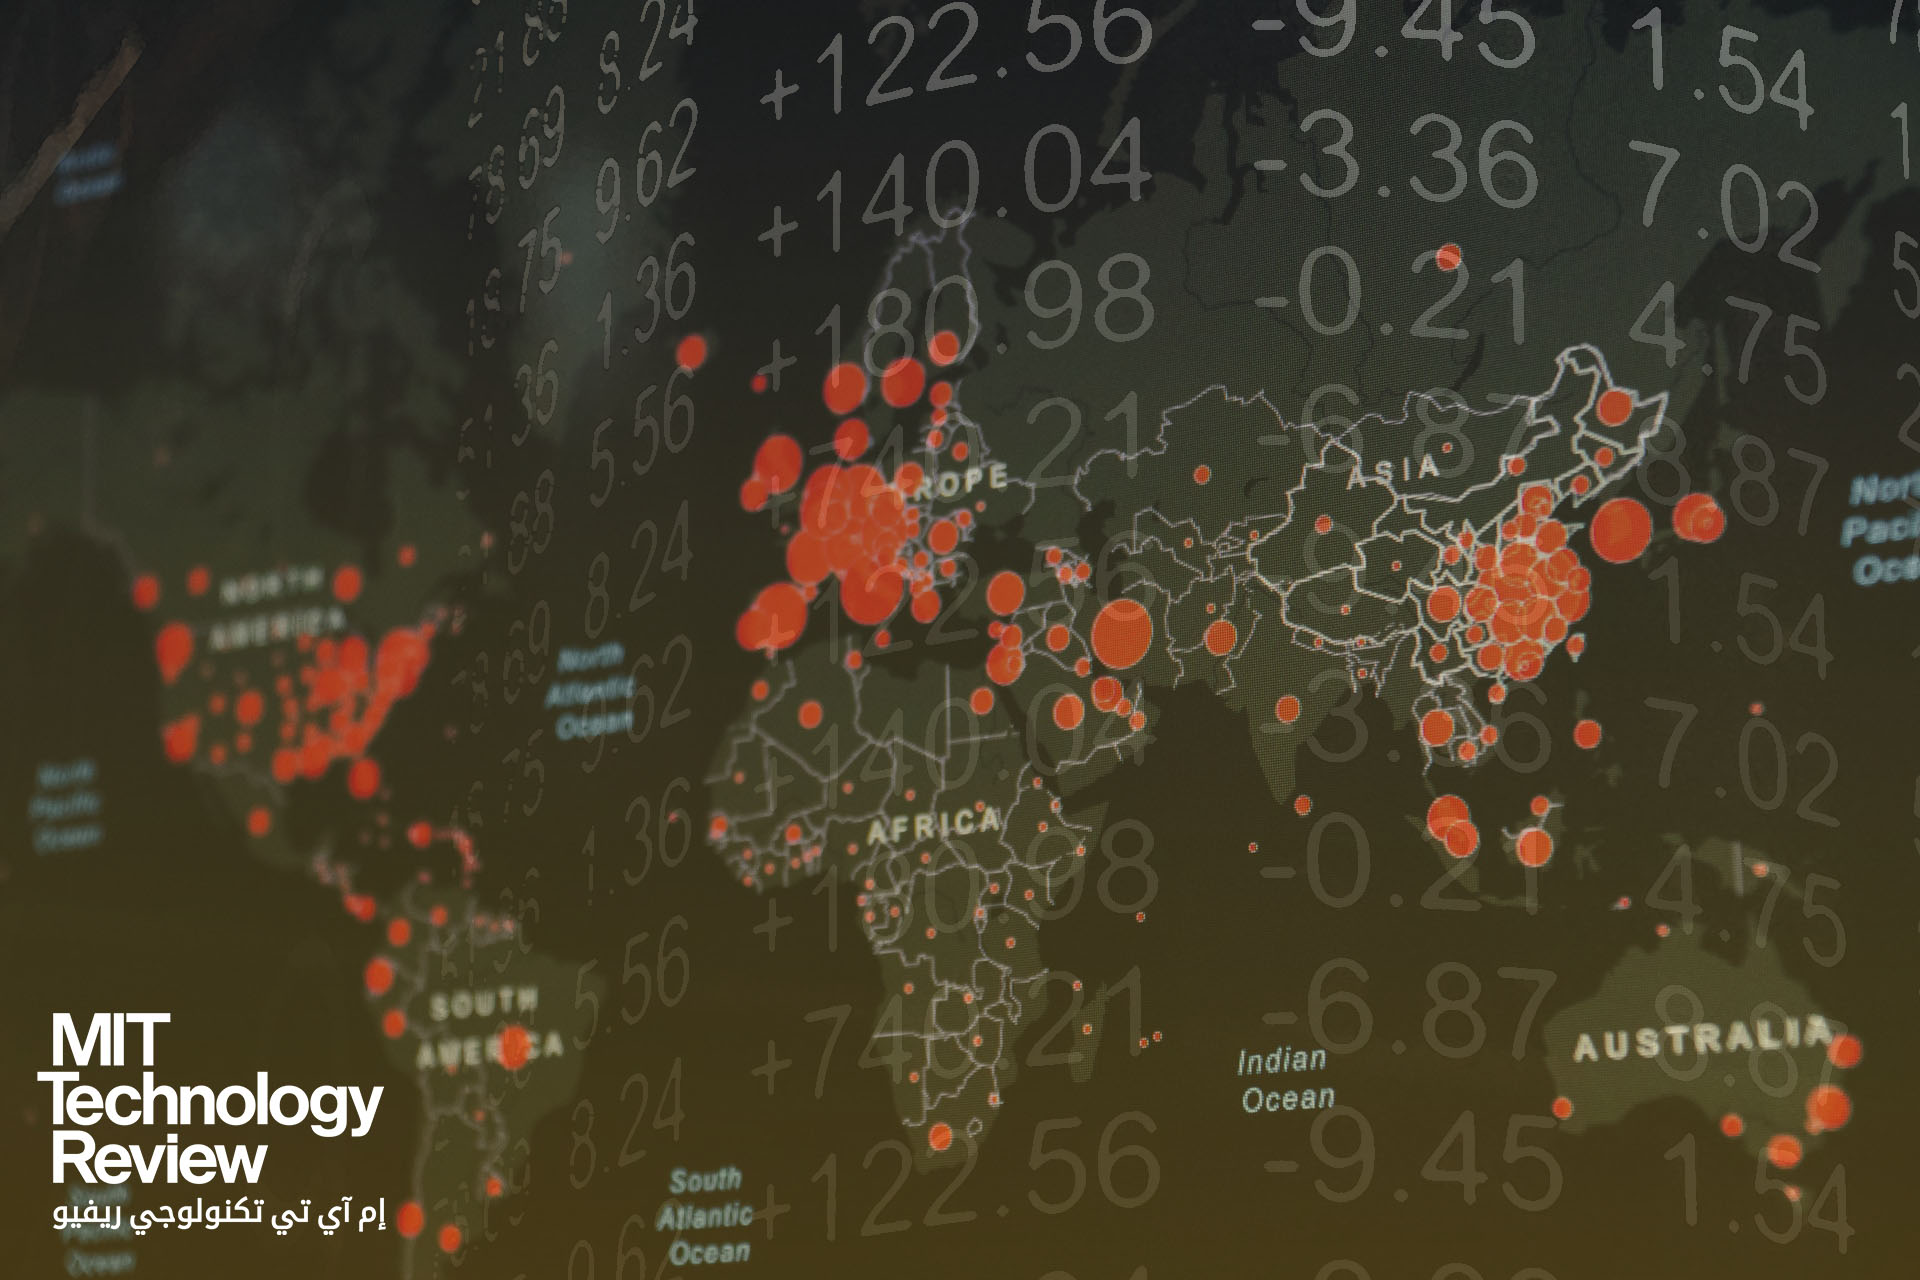 ما سبب تفاوت الأعداد الرسمية لحالات الإصابة بفيروس كورونا بين البلدان؟